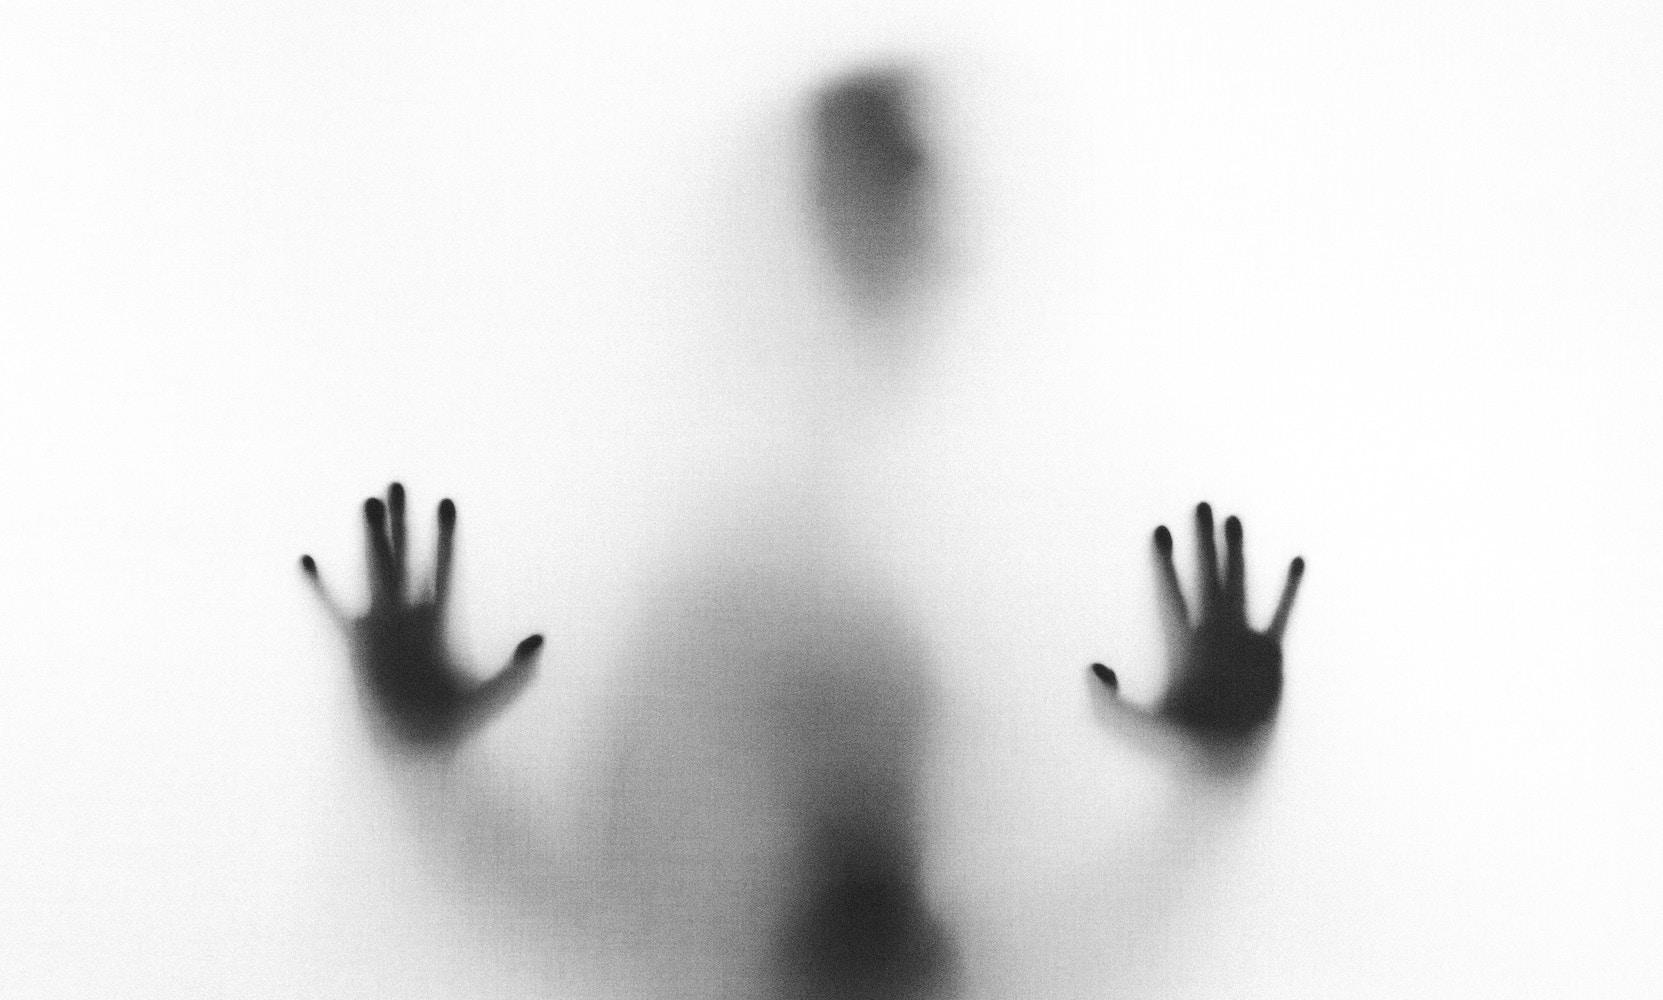 Fotografía en blanco y negro de una silueta